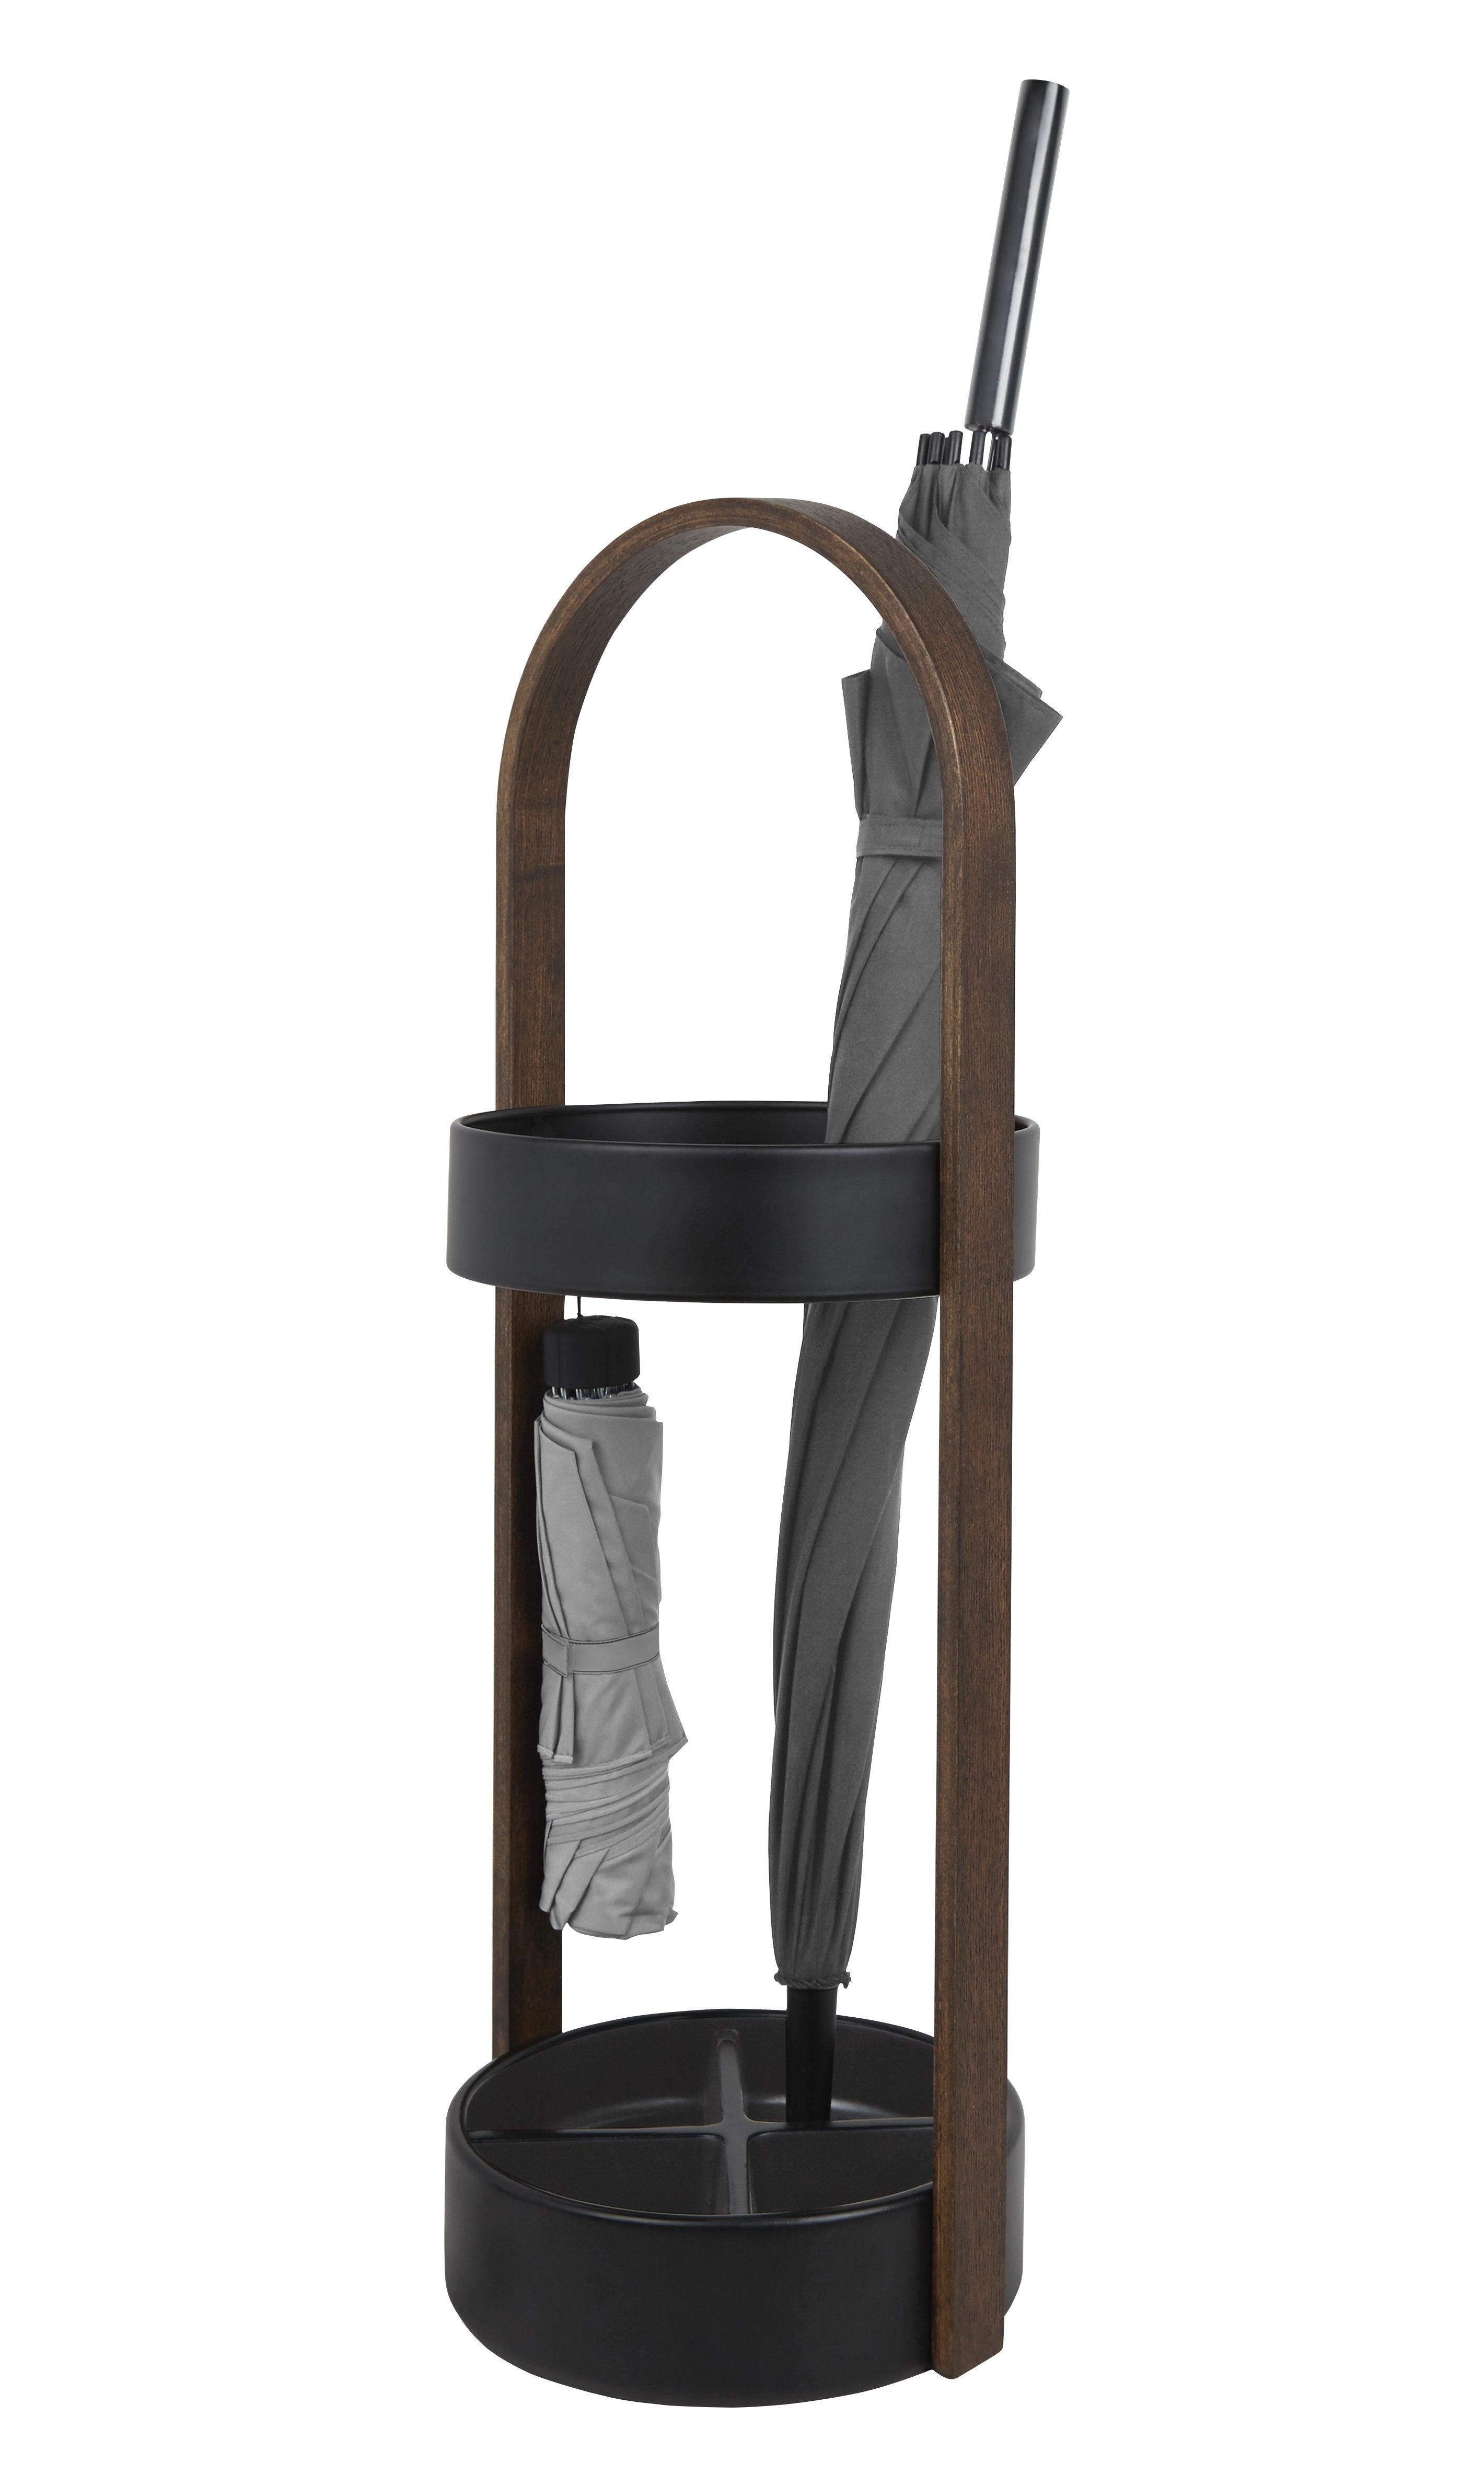 Arredamento - Complementi d'arredo - Portaombrelli Hub - / Legno & resina di Umbra - Noir / Noyer - metallo verniciato, Noce, Resina